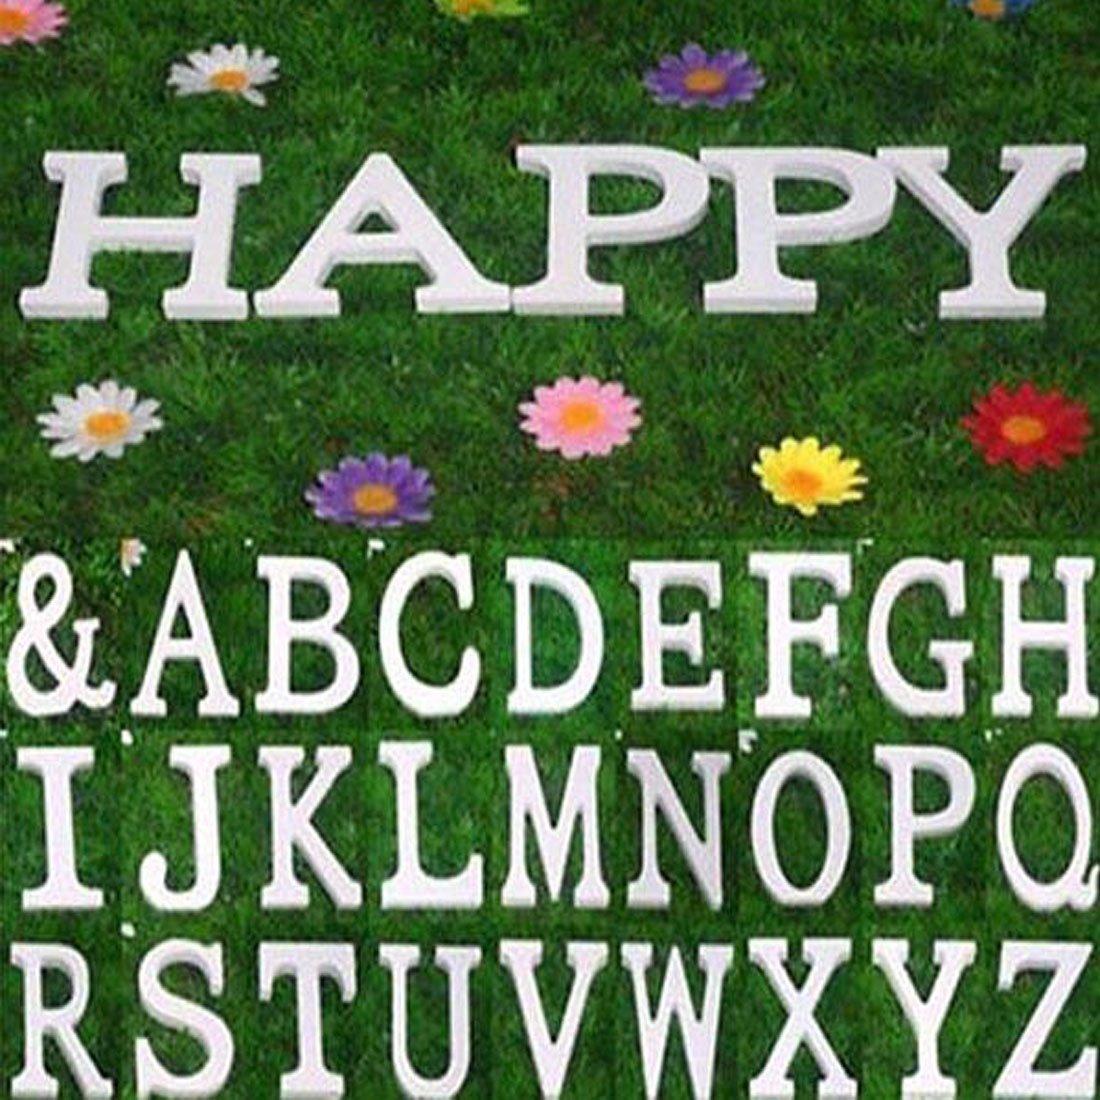 Amazon.com: eDealMax Fiesta de la boda de Madera contrachapada la decoración del hogar Inglés M del alfabeto DIY de la pared Blanca: Home & Kitchen